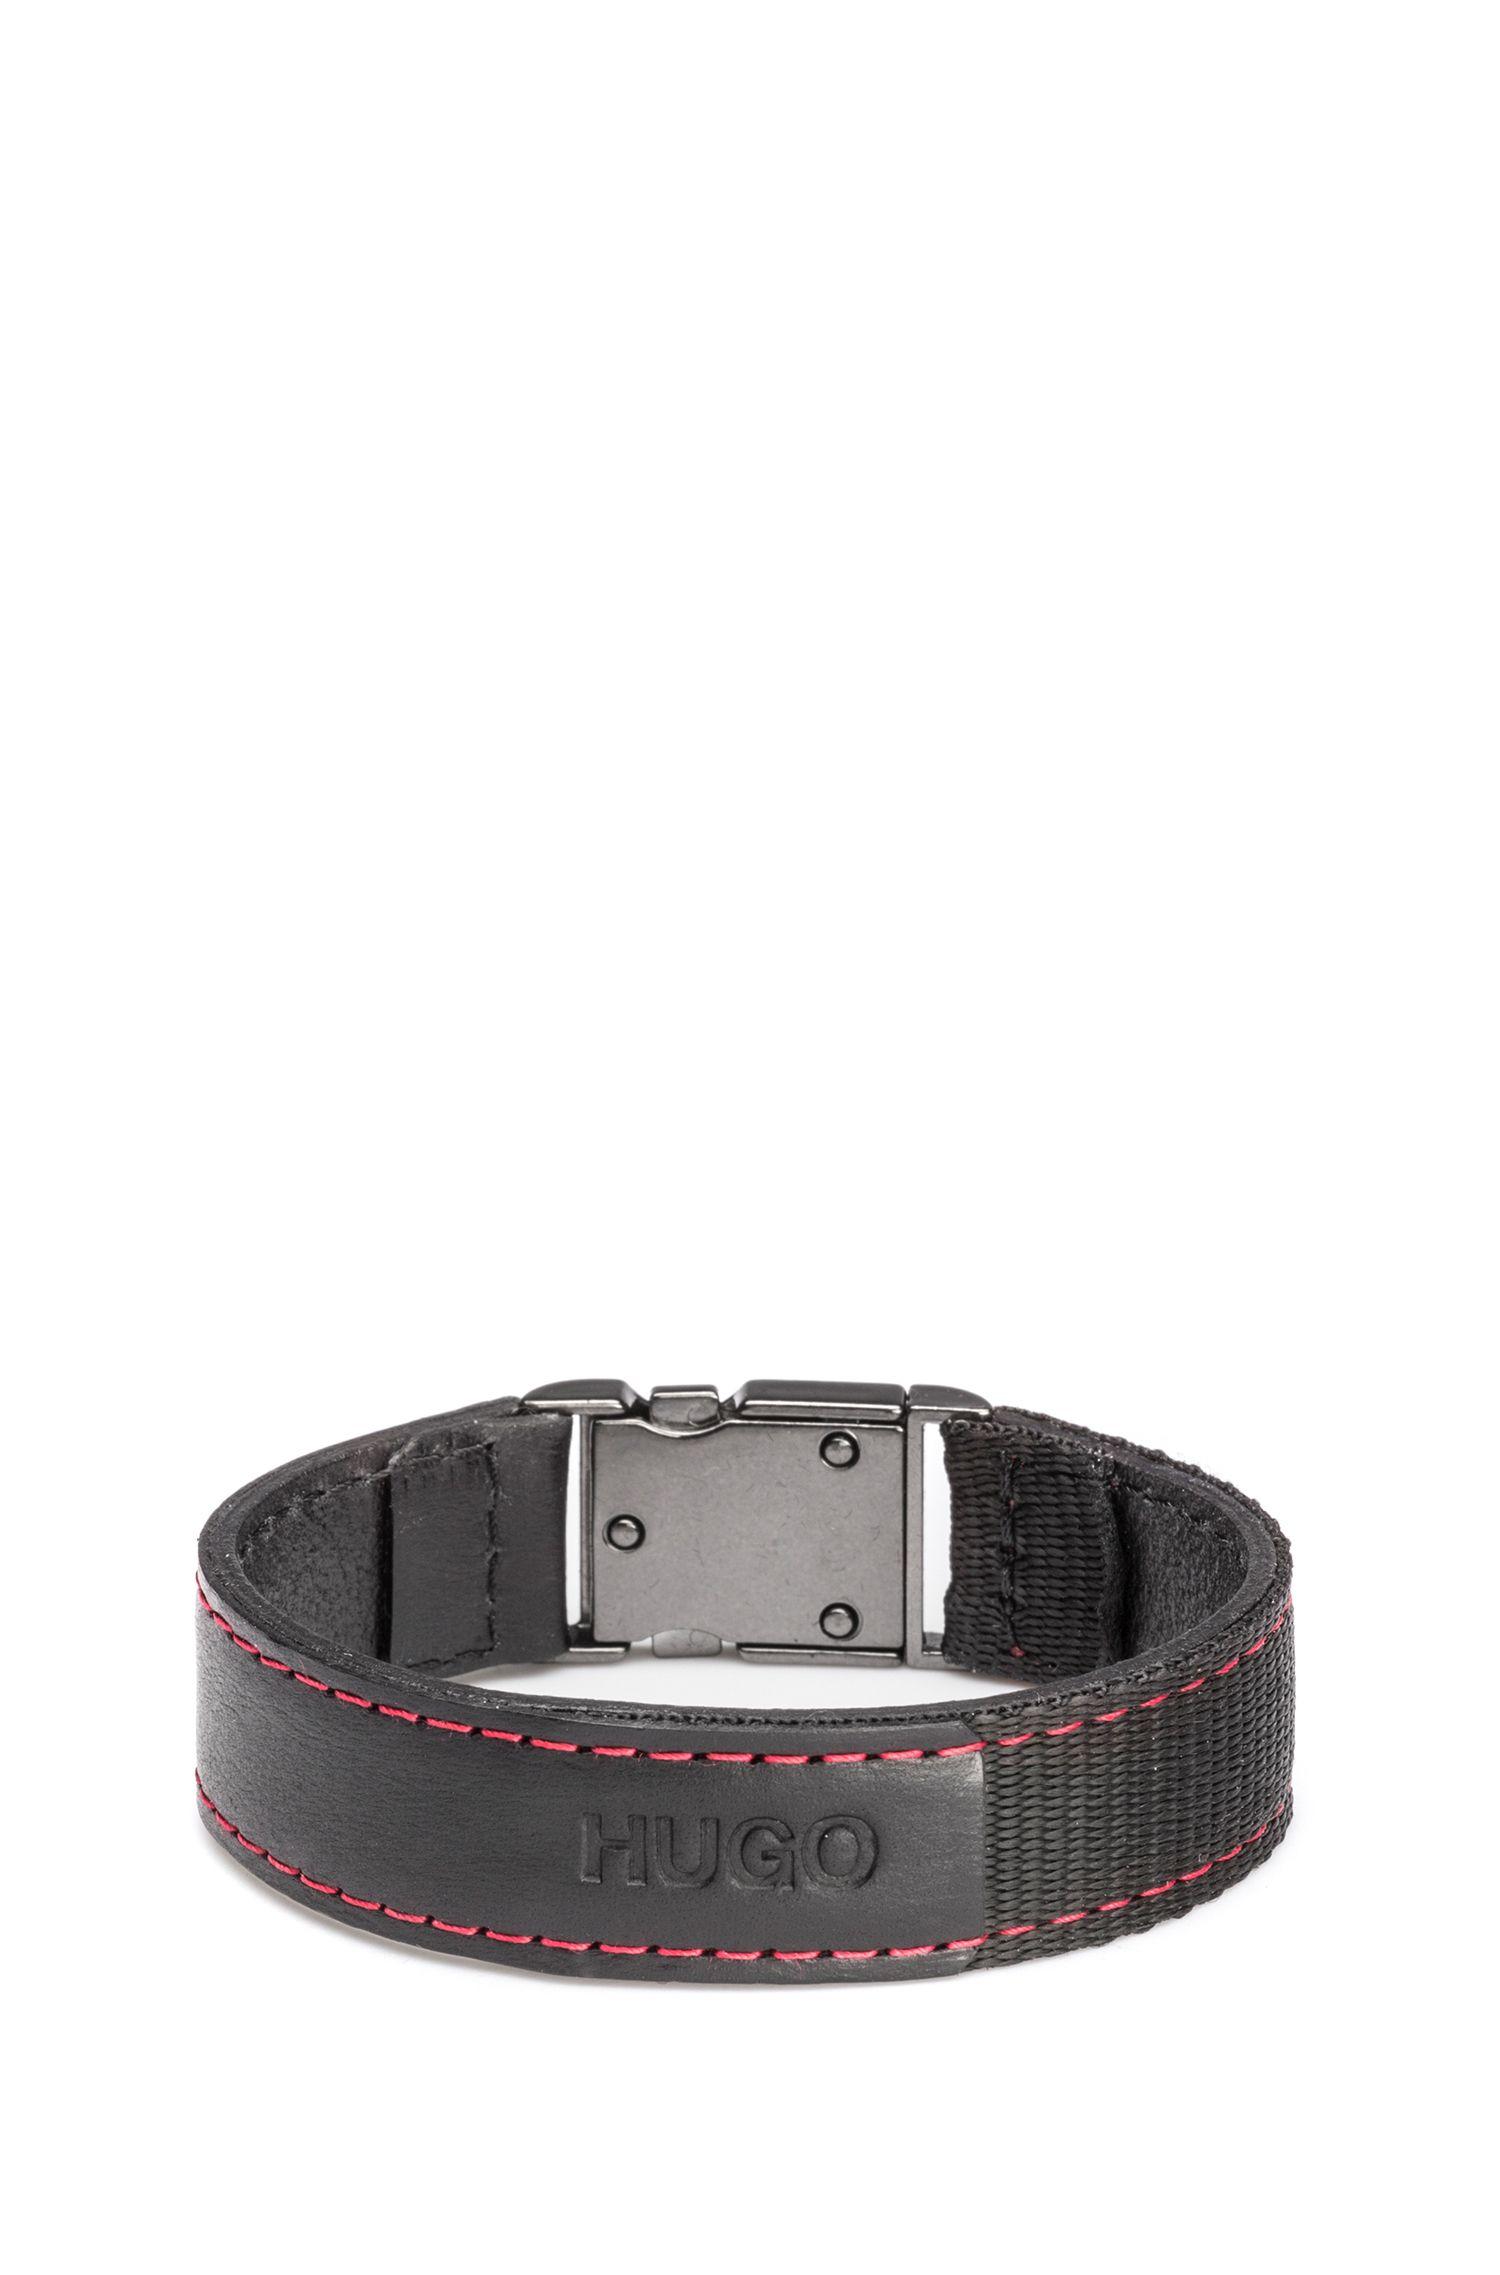 Armband aus italienischem Leder mit Webband und roten Naht-Details, Schwarz